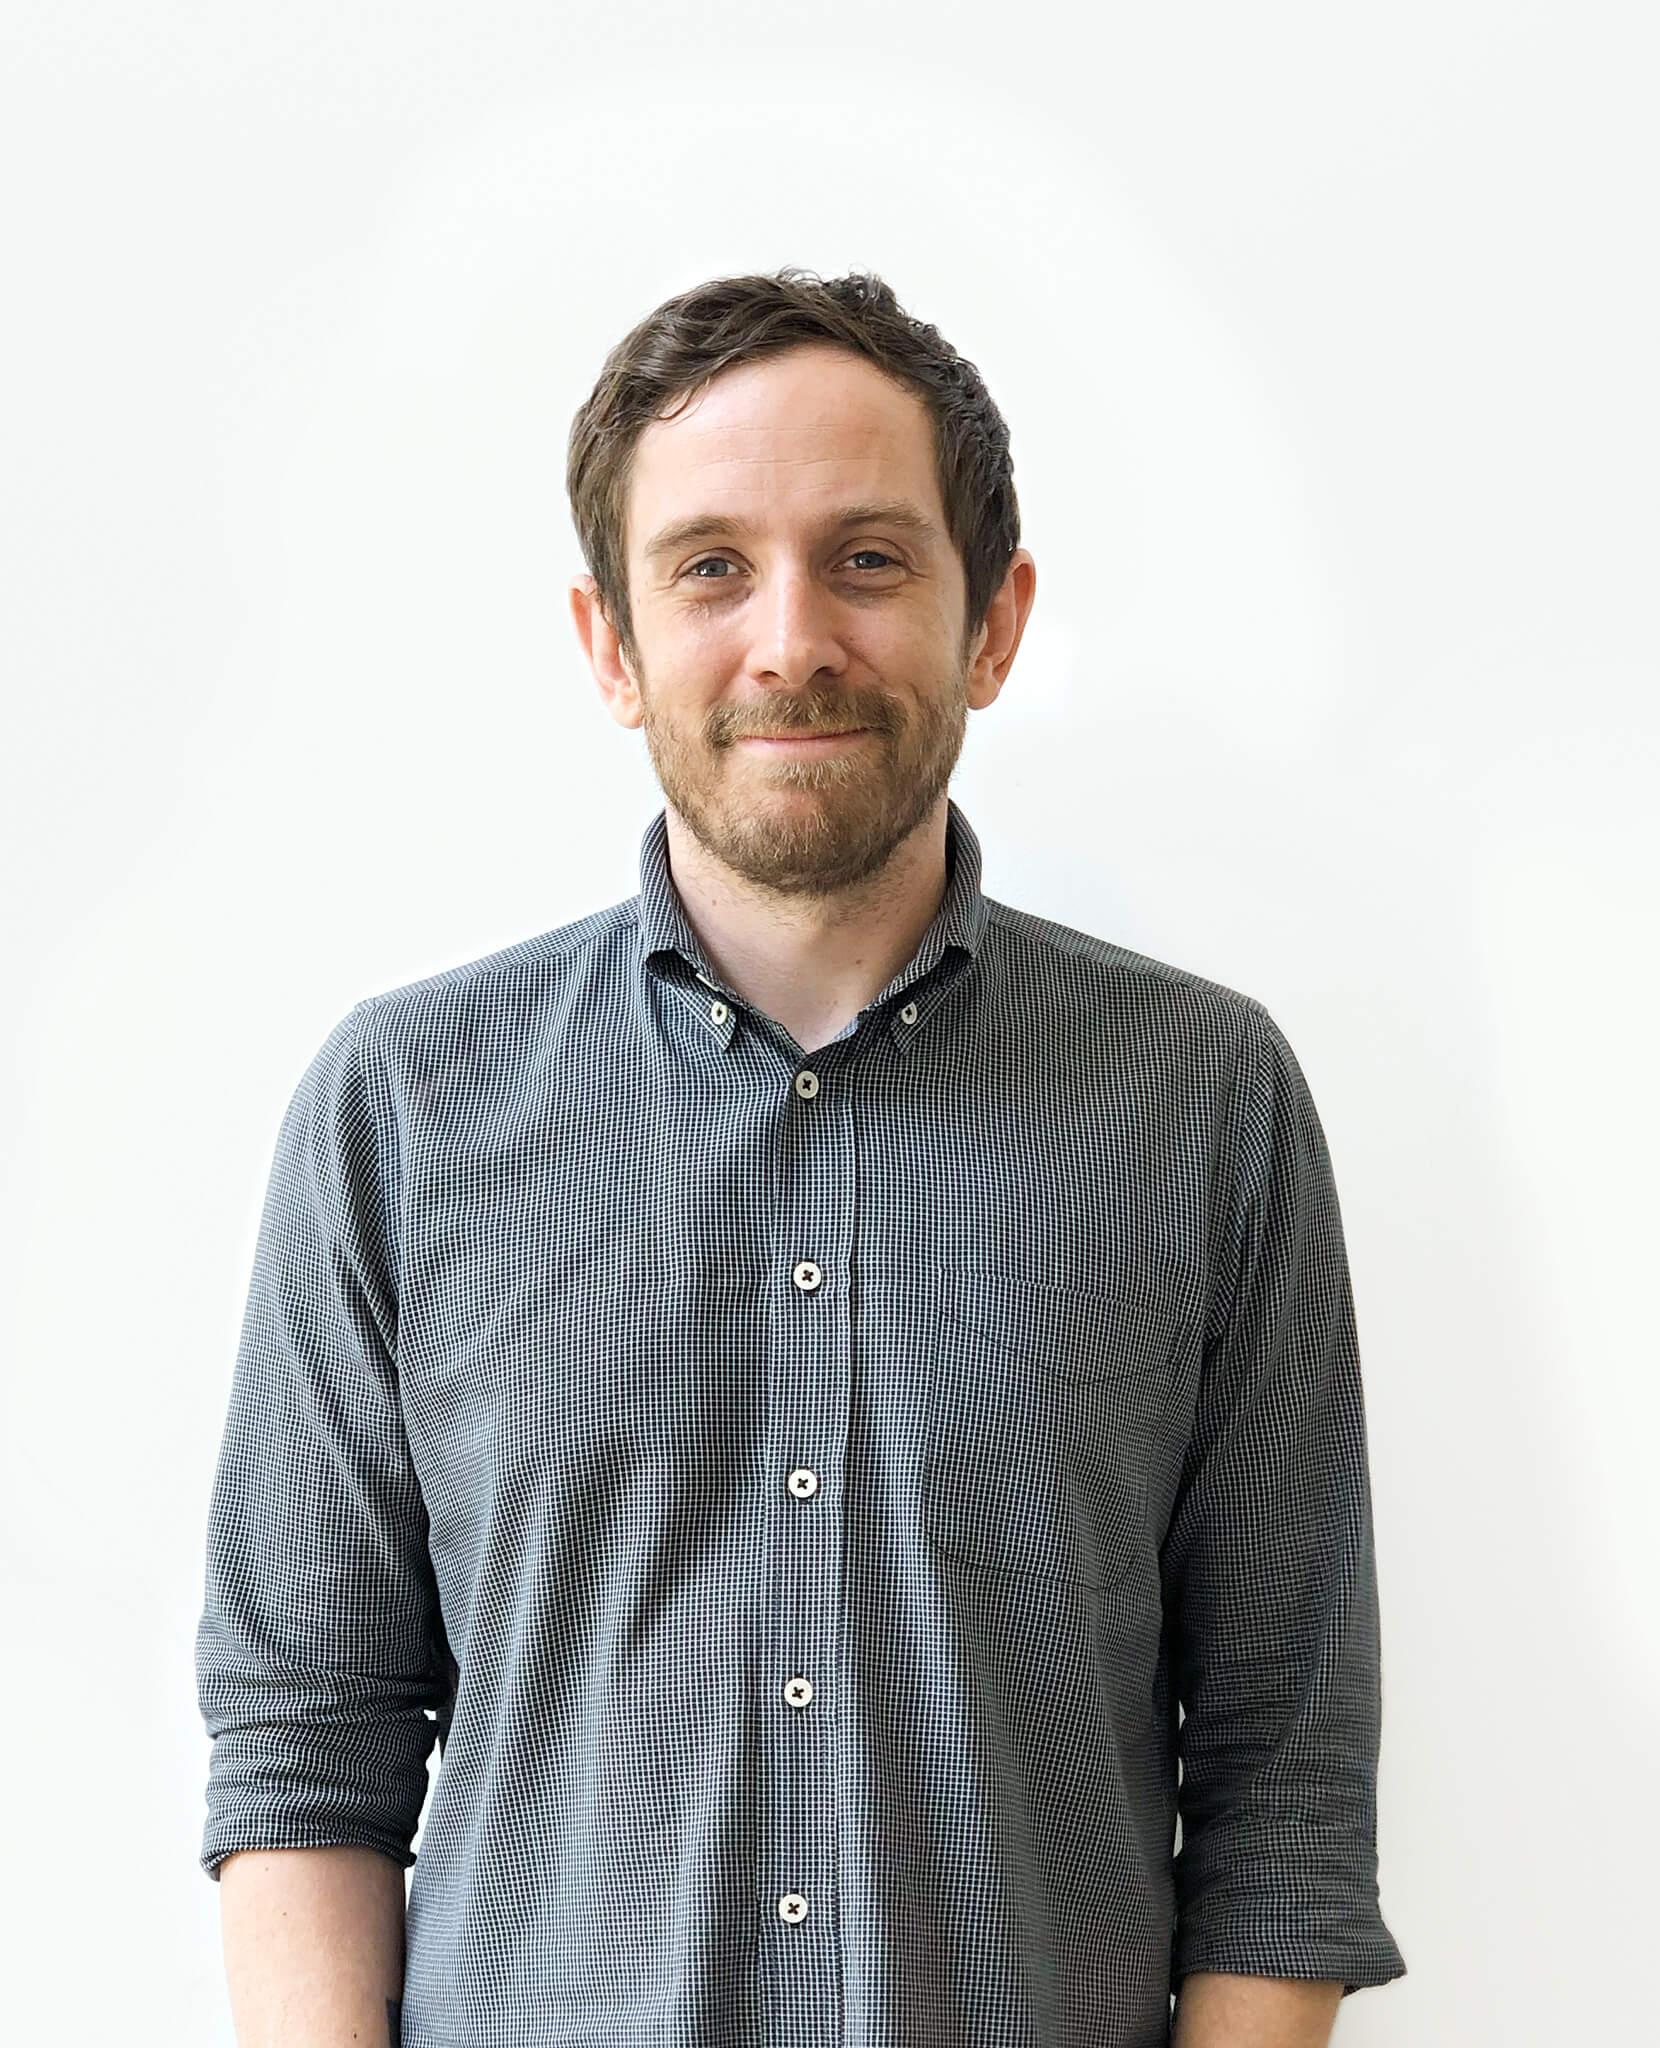 Profile image of Brendan Peté